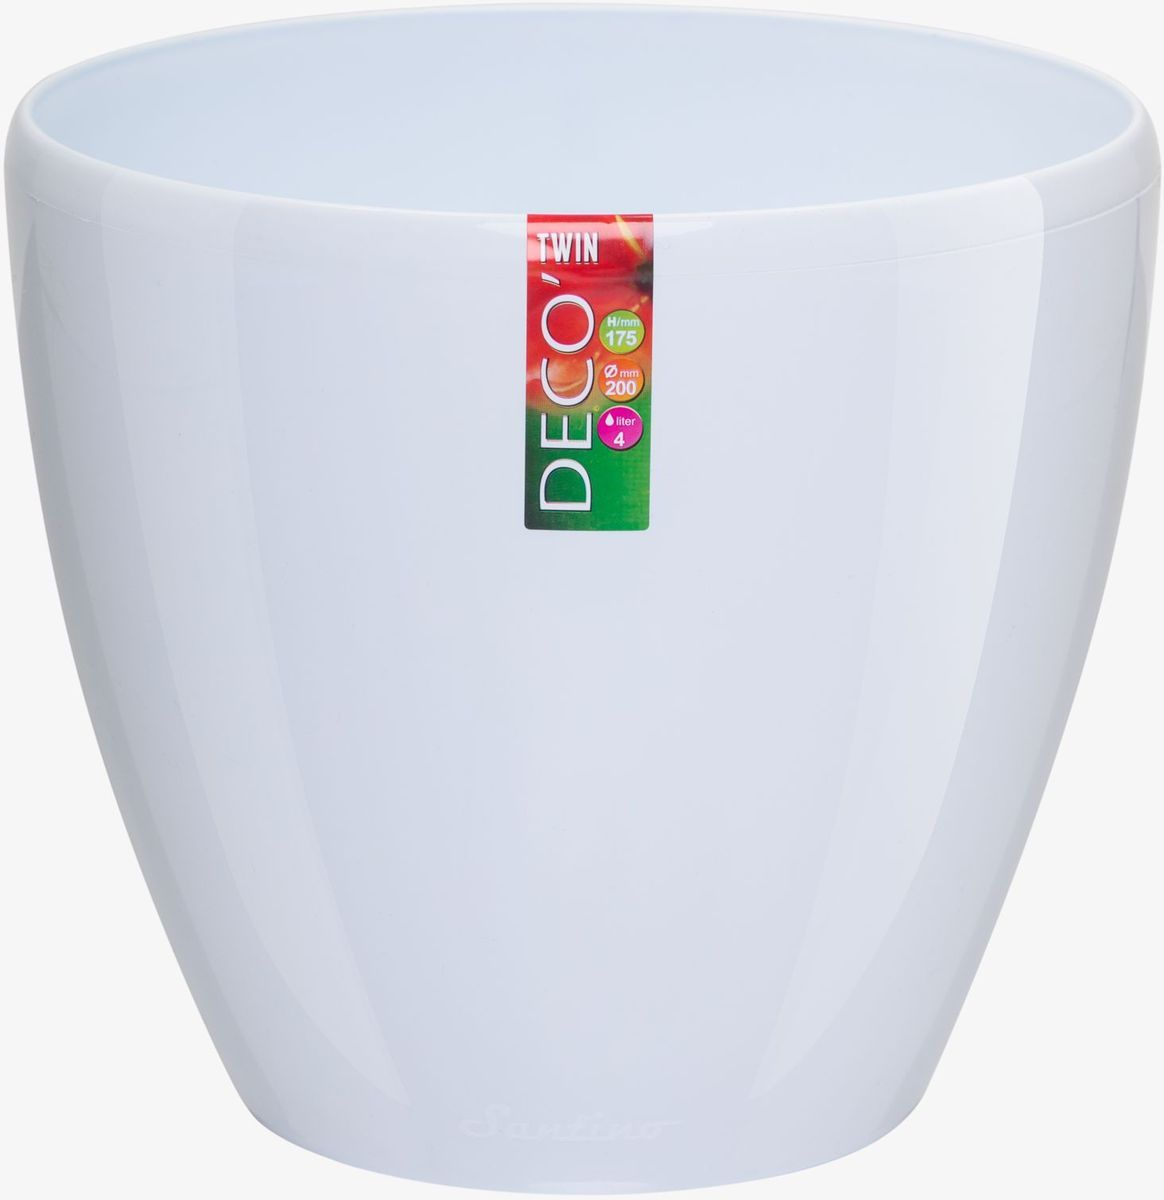 Горшок цветочный Santino Deco Twin, двойной, с системой автополива, цвет: прозрачный, 2,5 л531-402Горшок цветочный Santino Deco Twin снабжен дренажной системой и состоит из кашпо и вазона-вкладыша. Изготовлен из пластика. Особенность: тарелочка или блюдце не нужны. Горшок предназначен для любых растений или цветов. Цветочный дренаж – это система, которая позволяет выводить лишнюю влагу через корневую систему цветка и слой почвы. Растение – это живой организм, следовательно, ему необходимо дышать. В доступе к кислороду нуждаются все части растения: -листья; -корневая система. Если цветовод по какой-либо причине зальет цветок водой, то она буквально вытеснит из почвенного слоя все пузырьки кислорода. Анаэробная среда способствует развитию различного рода бактерий. Безвоздушная среда приводит к загниванию корневой системы, цветок в результате увядает. Суть работы дренажной системы заключается в том, чтобы осуществлять отвод лишней влаги от растения и давать возможность корневой системе дышать без проблем. Следовательно, каждому цветку необходимо: -иметь в основании цветочного горшочка хотя бы одно небольшое дренажное отверстие. Оно необходимо для того, чтобы через него выходила лишняя вода, плюс ко всему это отверстие дает возможность циркулировать воздух. -на самом дне горшка необходимо выложить слоем в 2-5 см (зависит от вида растения) дренаж.УВАЖАЕМЫЕ КЛИЕНТЫ!Обращаем ваше внимание на тот факт, что фото изделия служит для визуального восприятия товара. Литраж и размеры, представленные на этикетке товара, могут по факту отличаться от реальных. Корректные данные в поле Размеры.